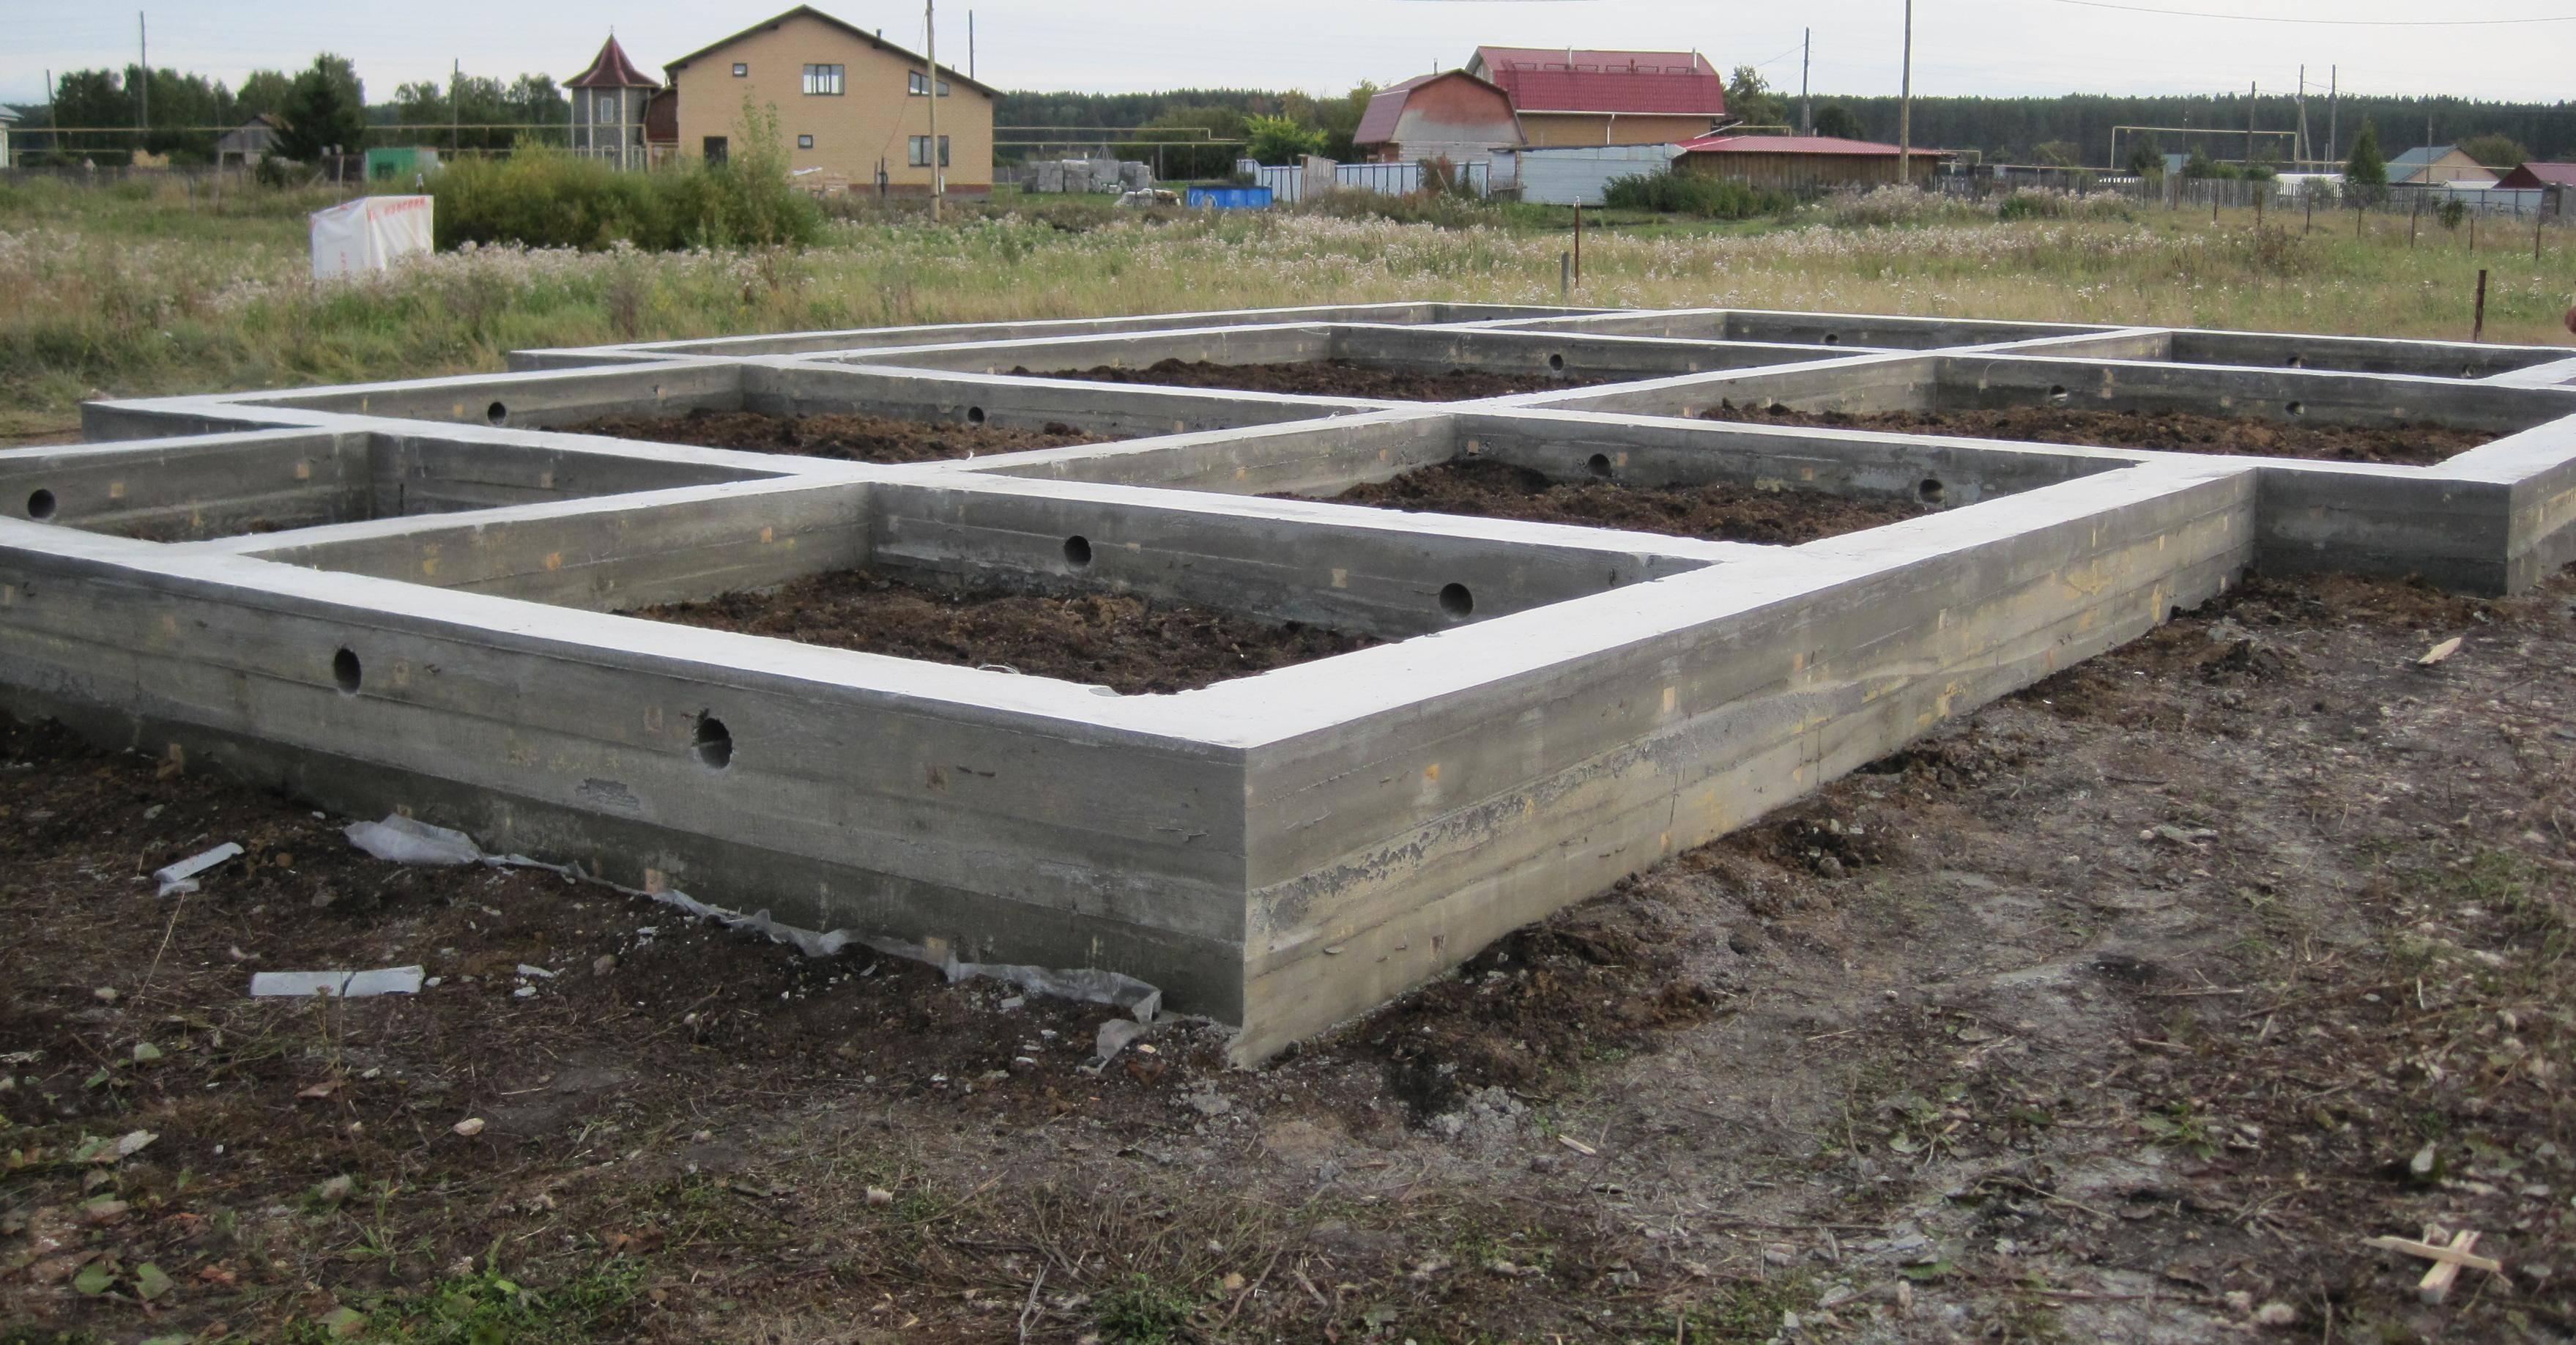 Как выбрать тип и размер фундамента под сруб 6х6 м